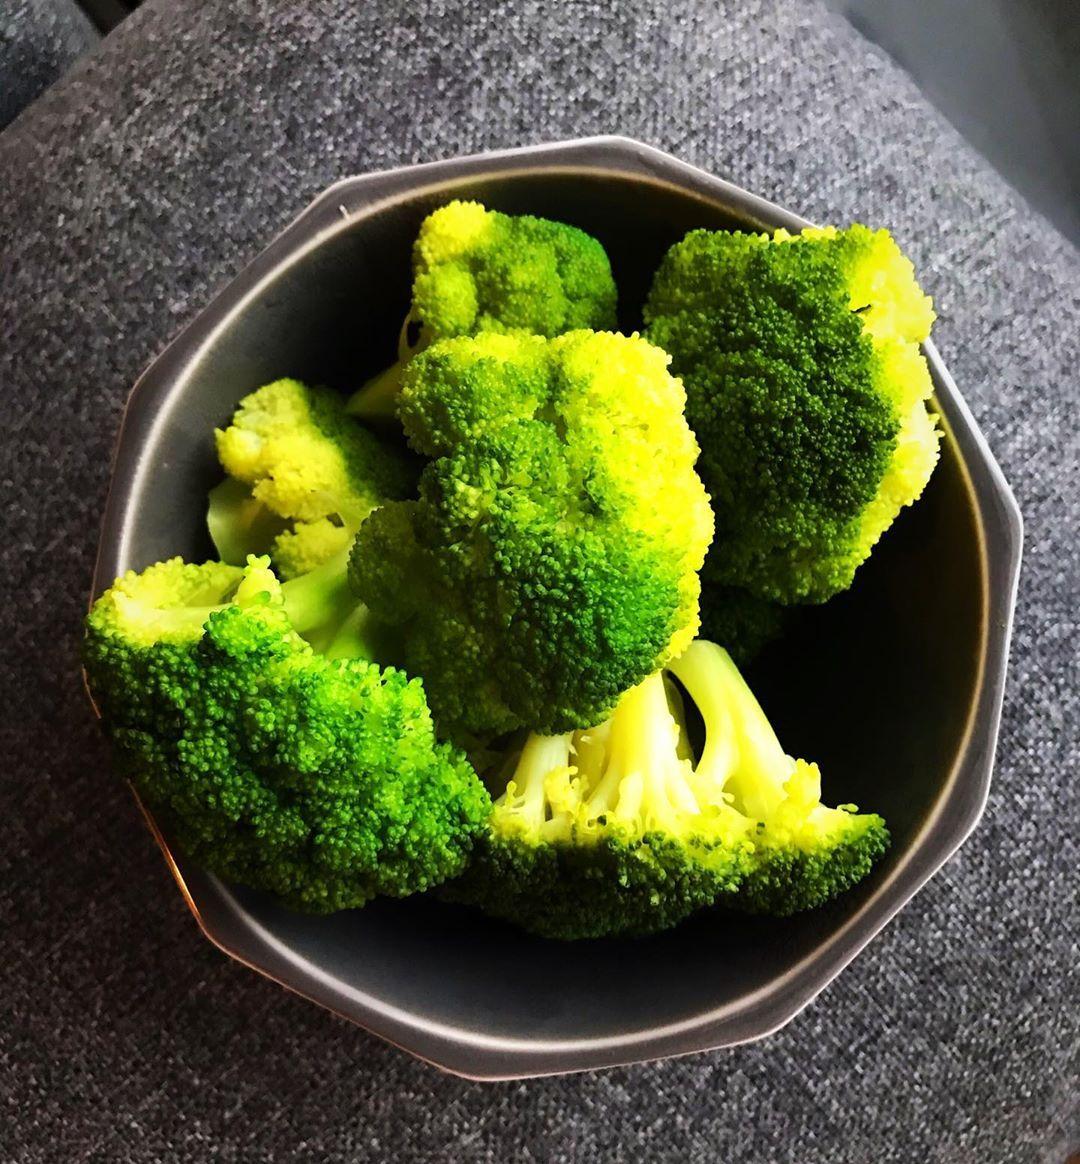 . Seni seviyorum brokoli cansın, bebeksin, lezzetlisin ve çok ponçiksin🥦😁😋😋😋 . . . . . . . . #frühst...